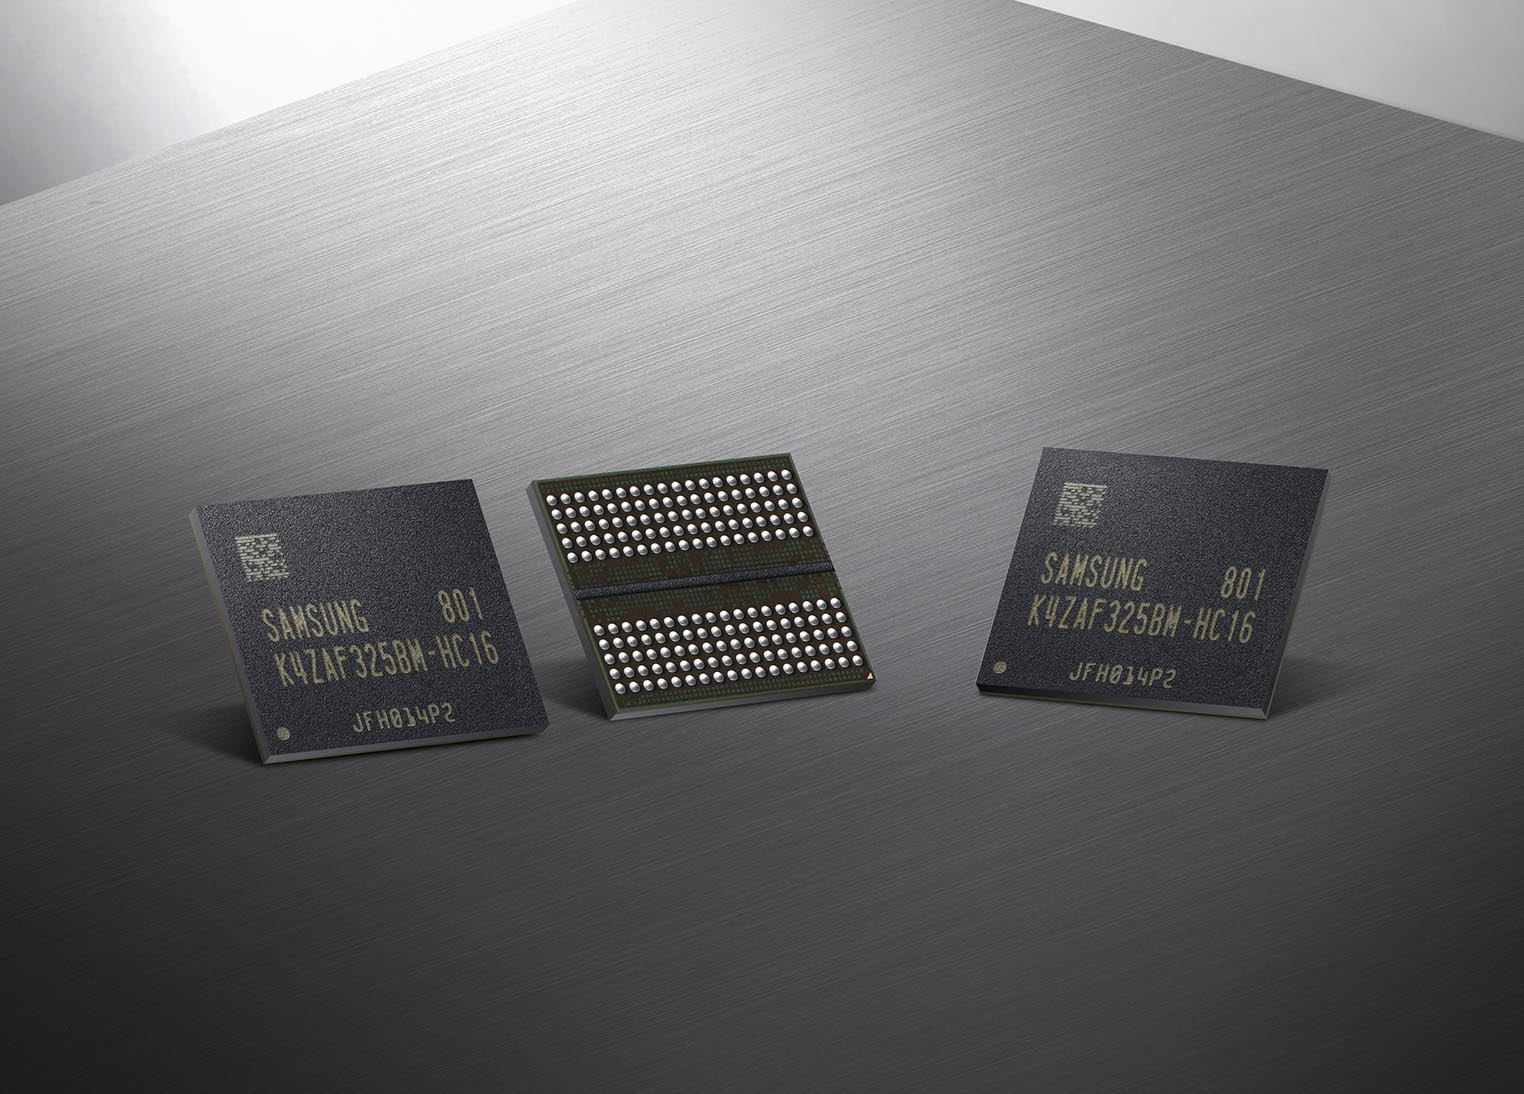 Nouvelle GDDR6 Samsung : capacité doublée, et débit record pour nos futurs GPU !